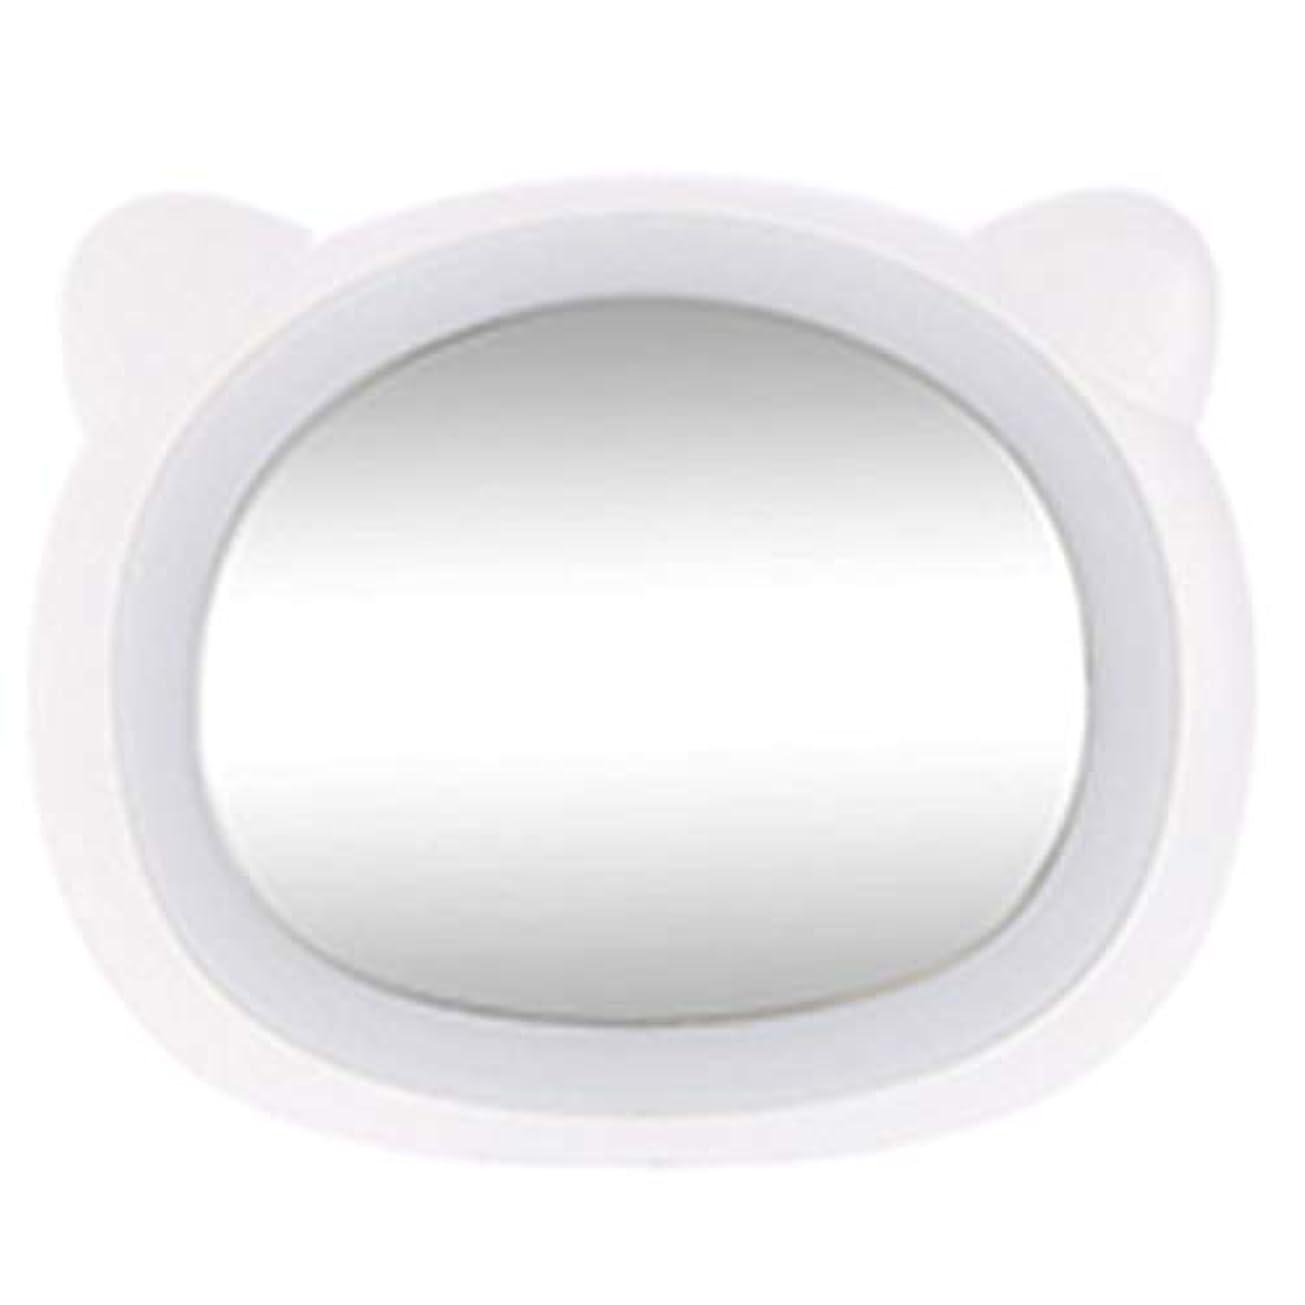 ショートメアリアンジョーンズペアHOIBAI 化粧鏡 LEDライト付き 浴室鏡 化粧ミラー 女優ミラー ハンドヘルド 化粧 クリエイティブ 女の子の誕生日プレゼント ハンドミラ ポータブルミラー 可愛い携帯  USB給電 メイクミラー プレゼント 持ち運び安い (熊ホワイト)